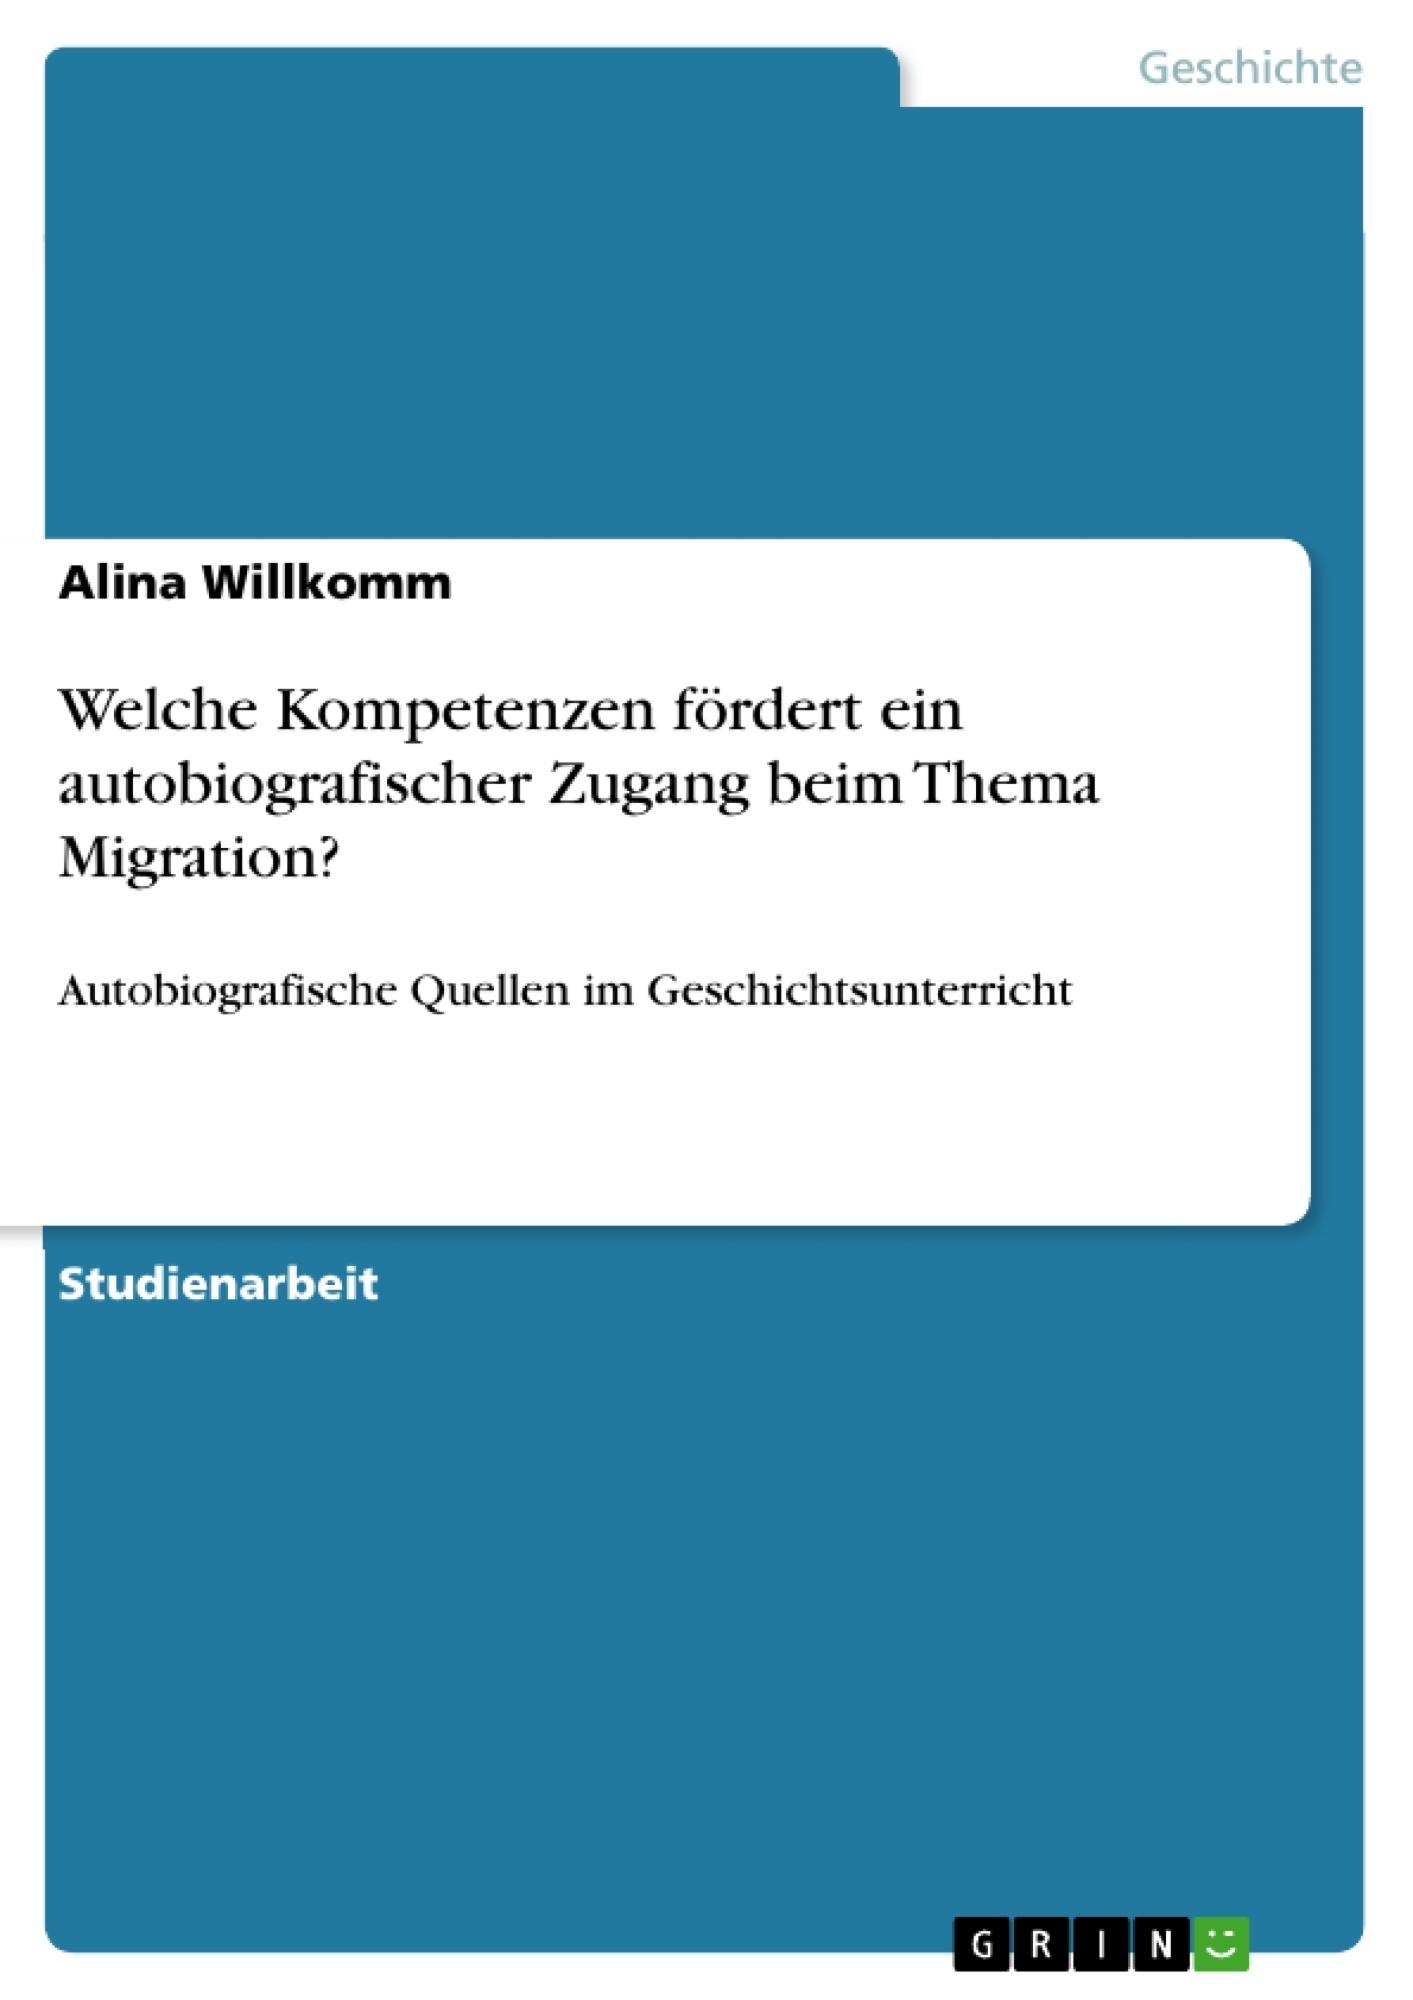 Titel: Welche Kompetenzen fördert ein autobiografischer Zugang beim Thema Migration?